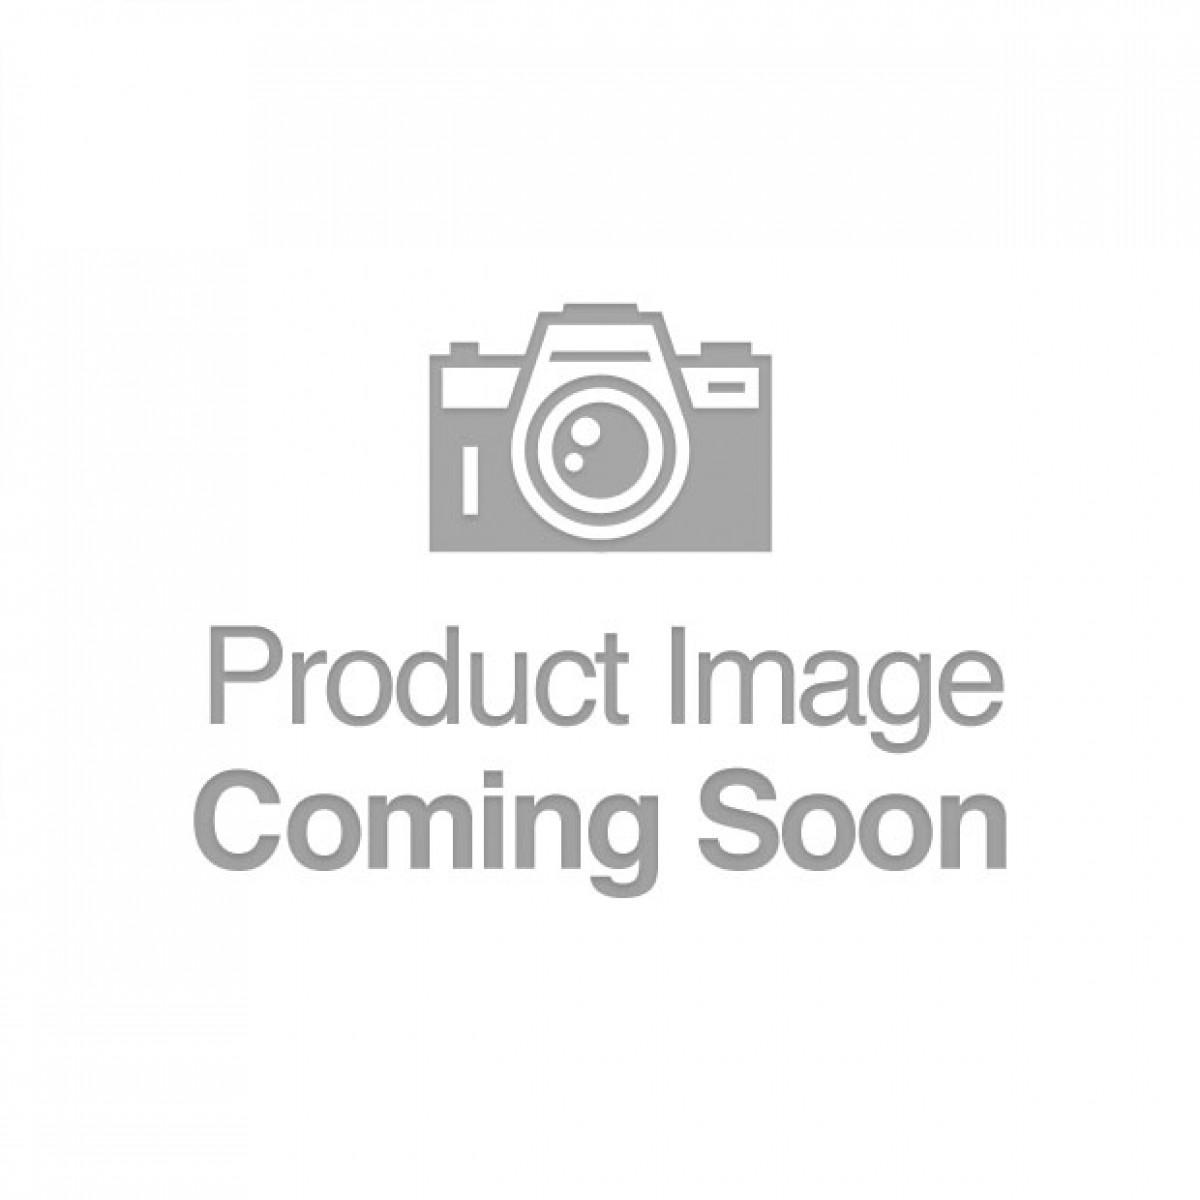 Inmi Come Hither Pro Moving Hard Silicone Rabbit Vibrator - Purple